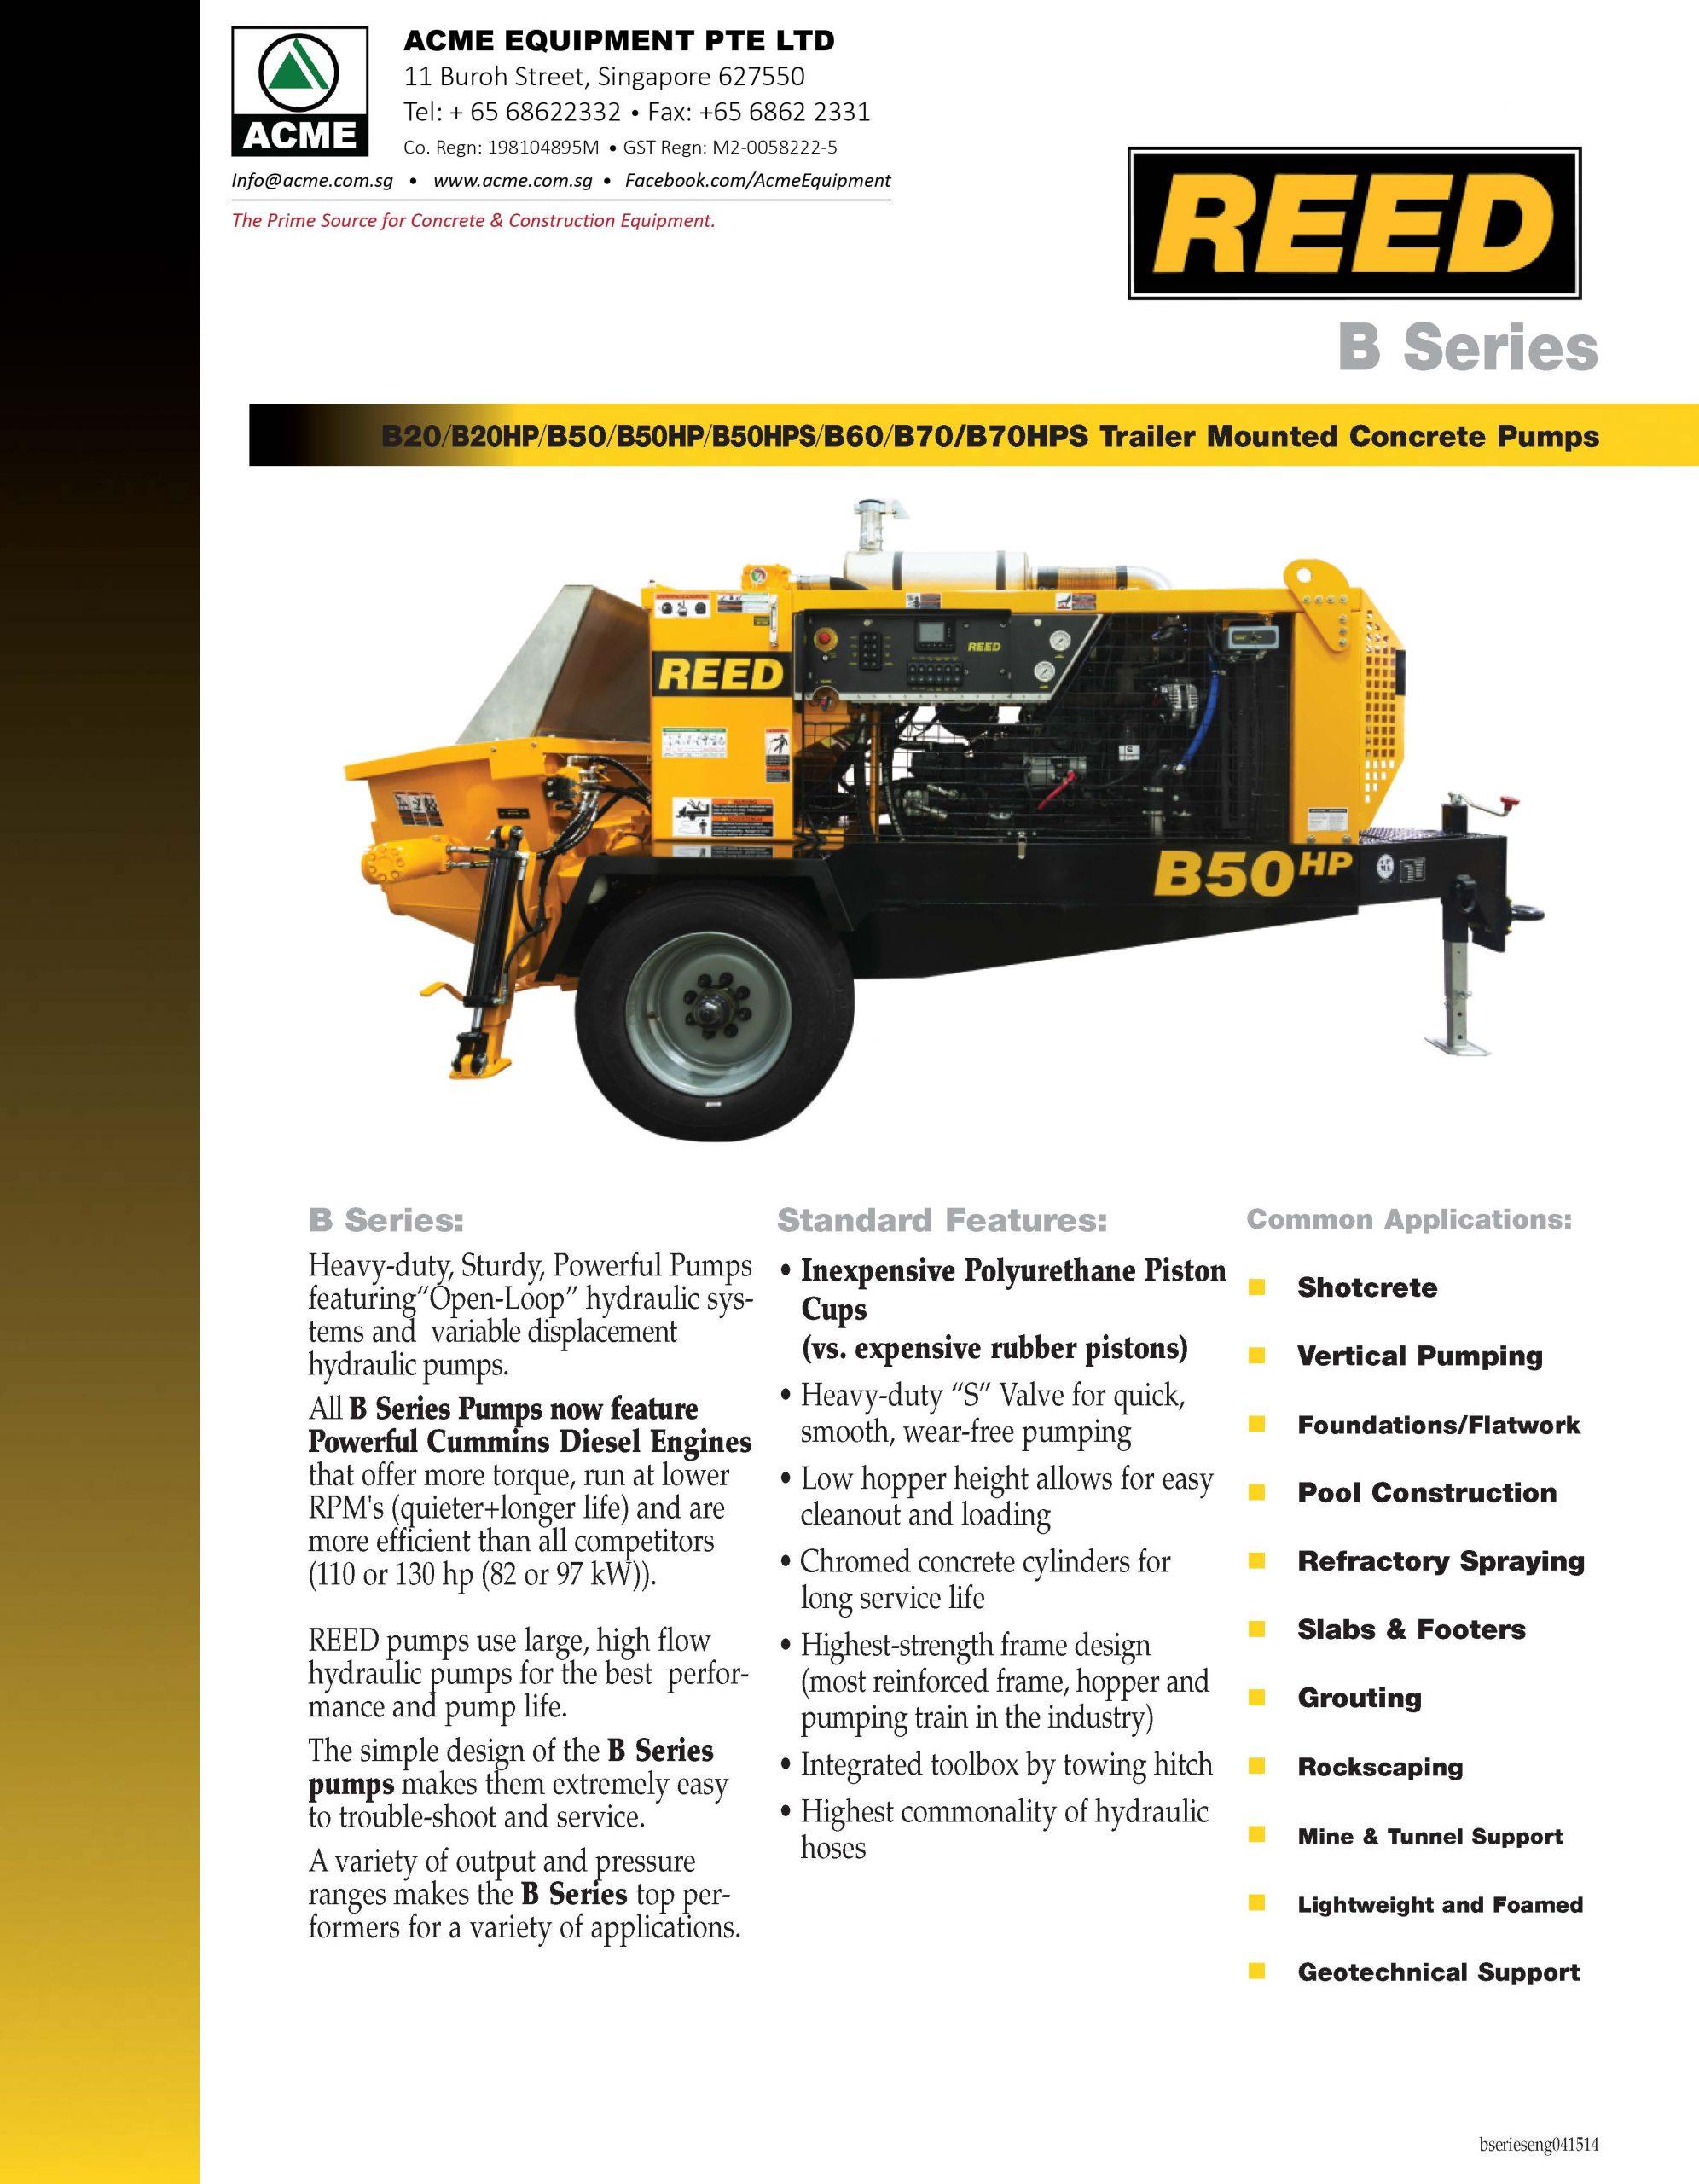 REED B Series Brochure